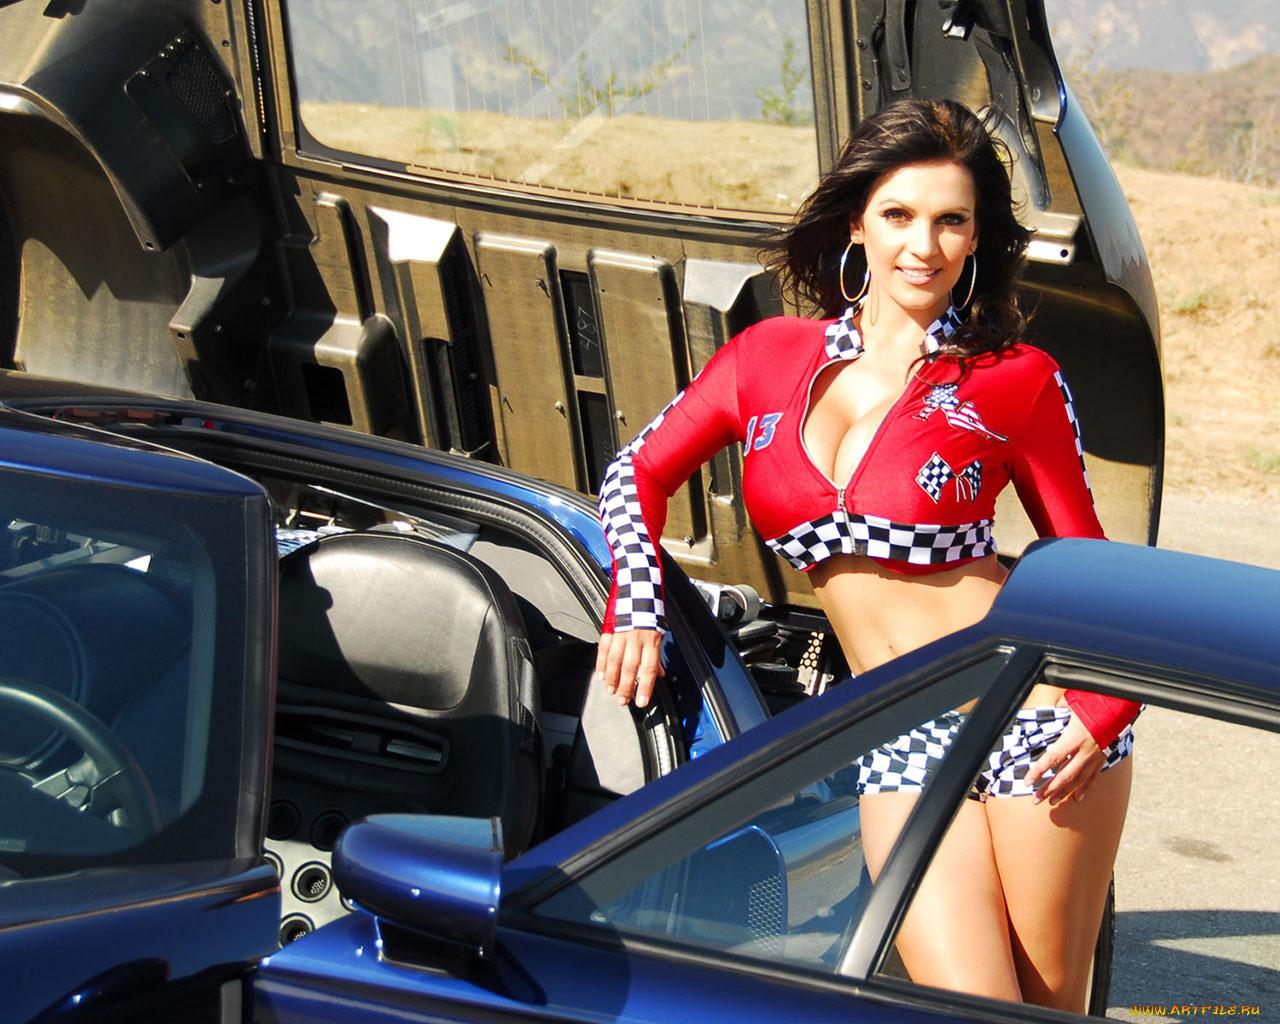 Большая грудь в машине, юлия паго порно фото